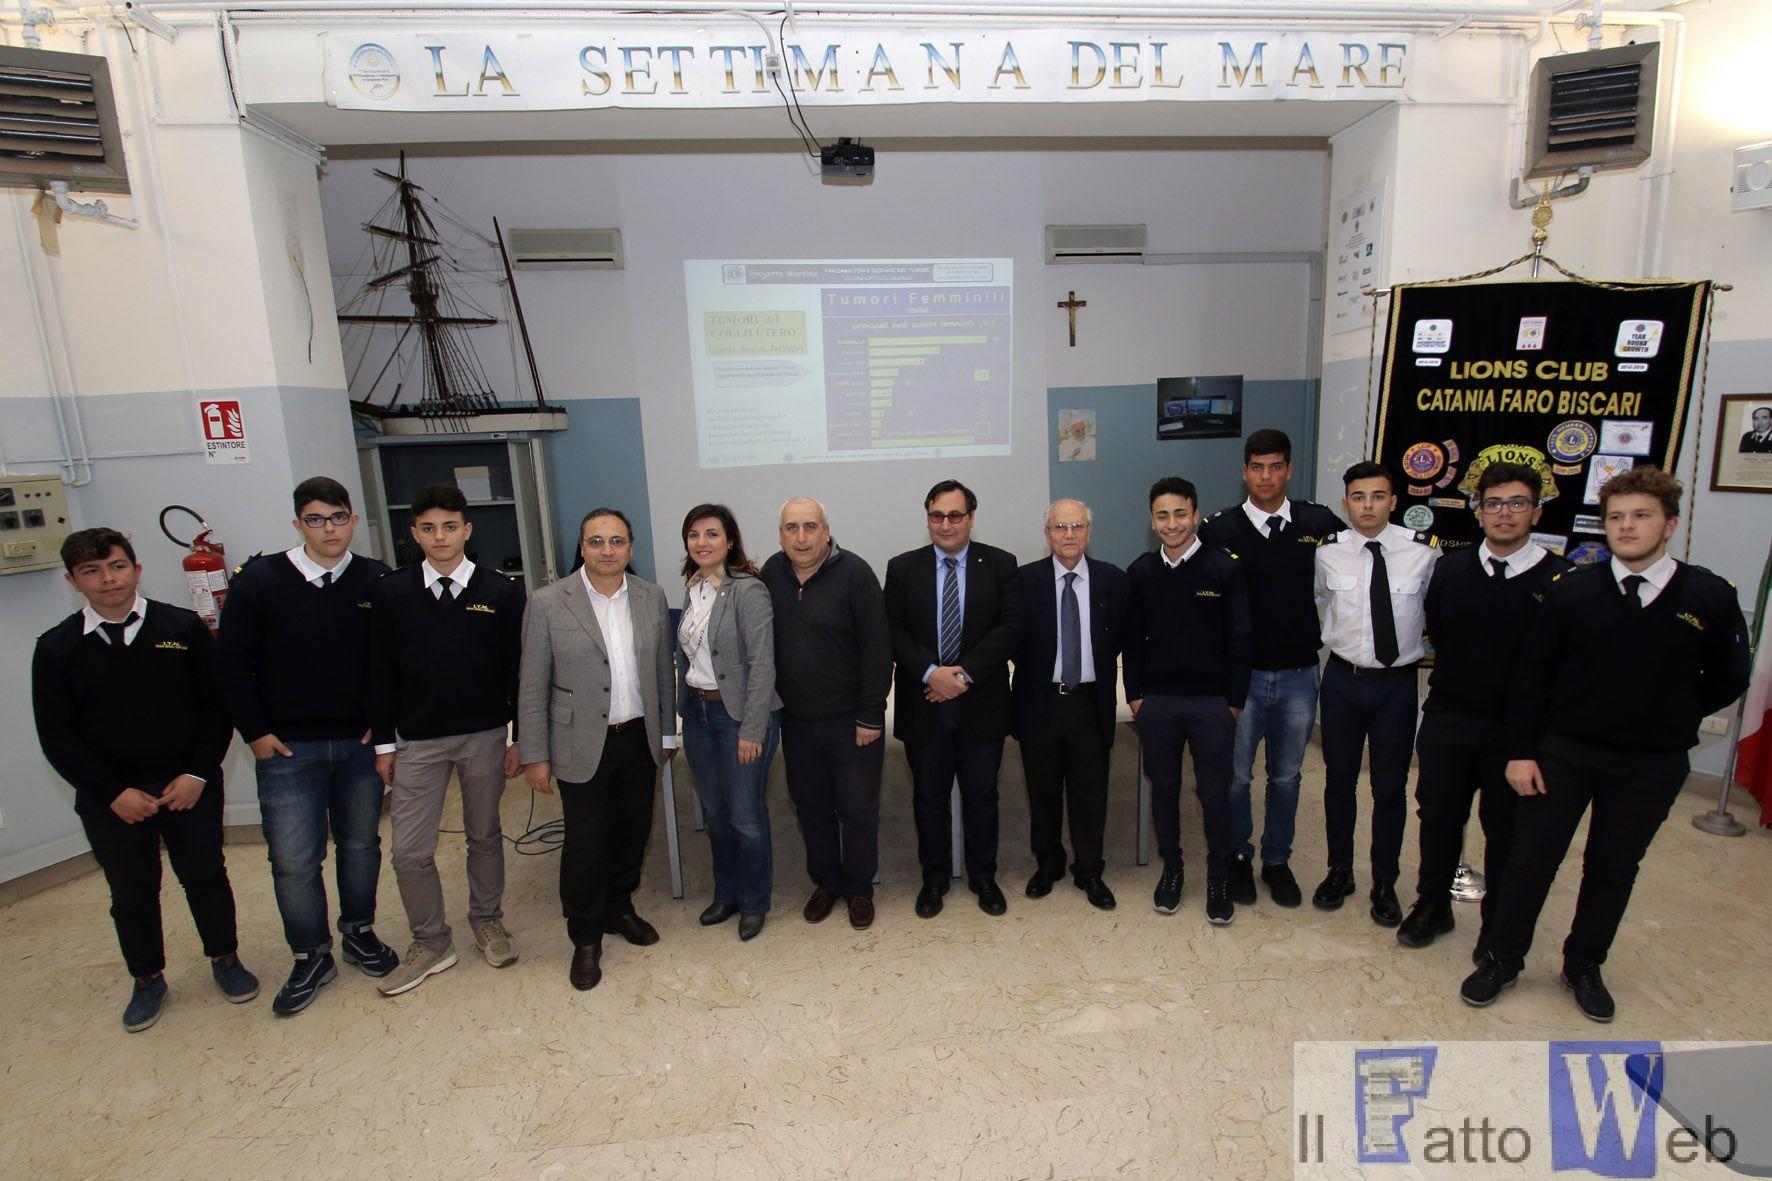 """All'Isis """"Duca degli Abruzzi"""" di Catania conferenza sulla sessualità con il Lions Club """"Faro Biscari"""""""